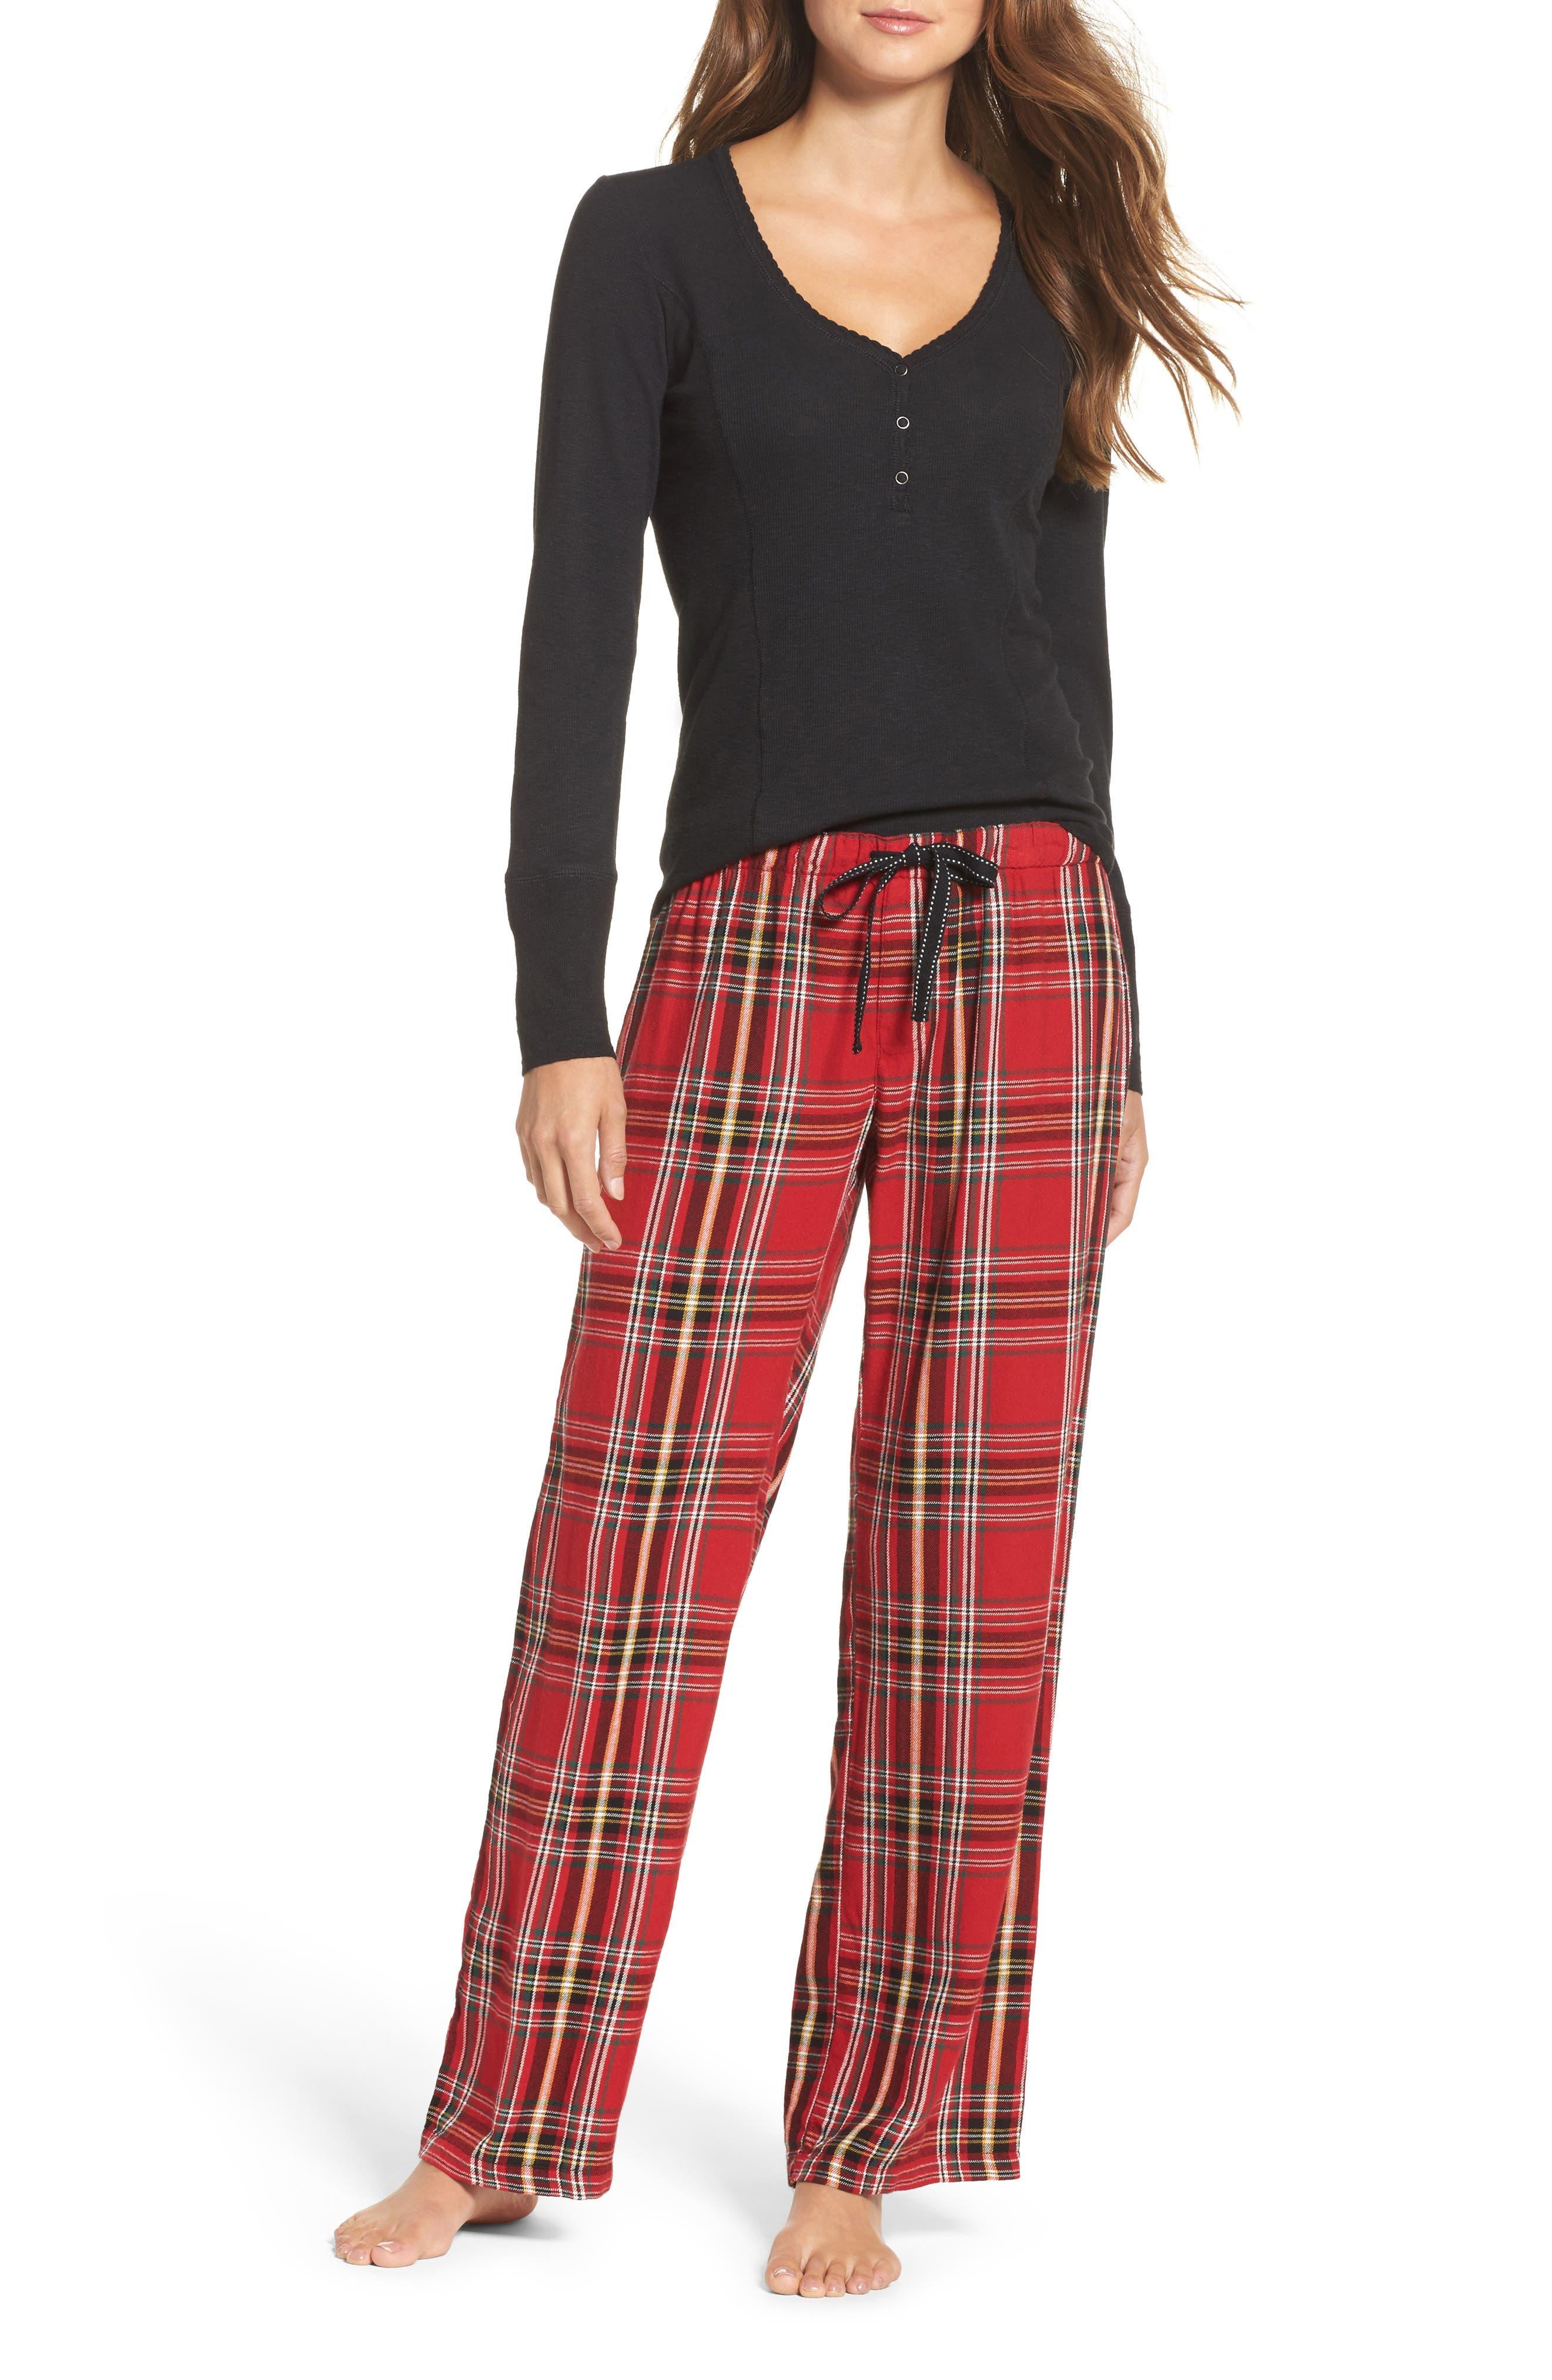 PJ Salvage Tee & Pants